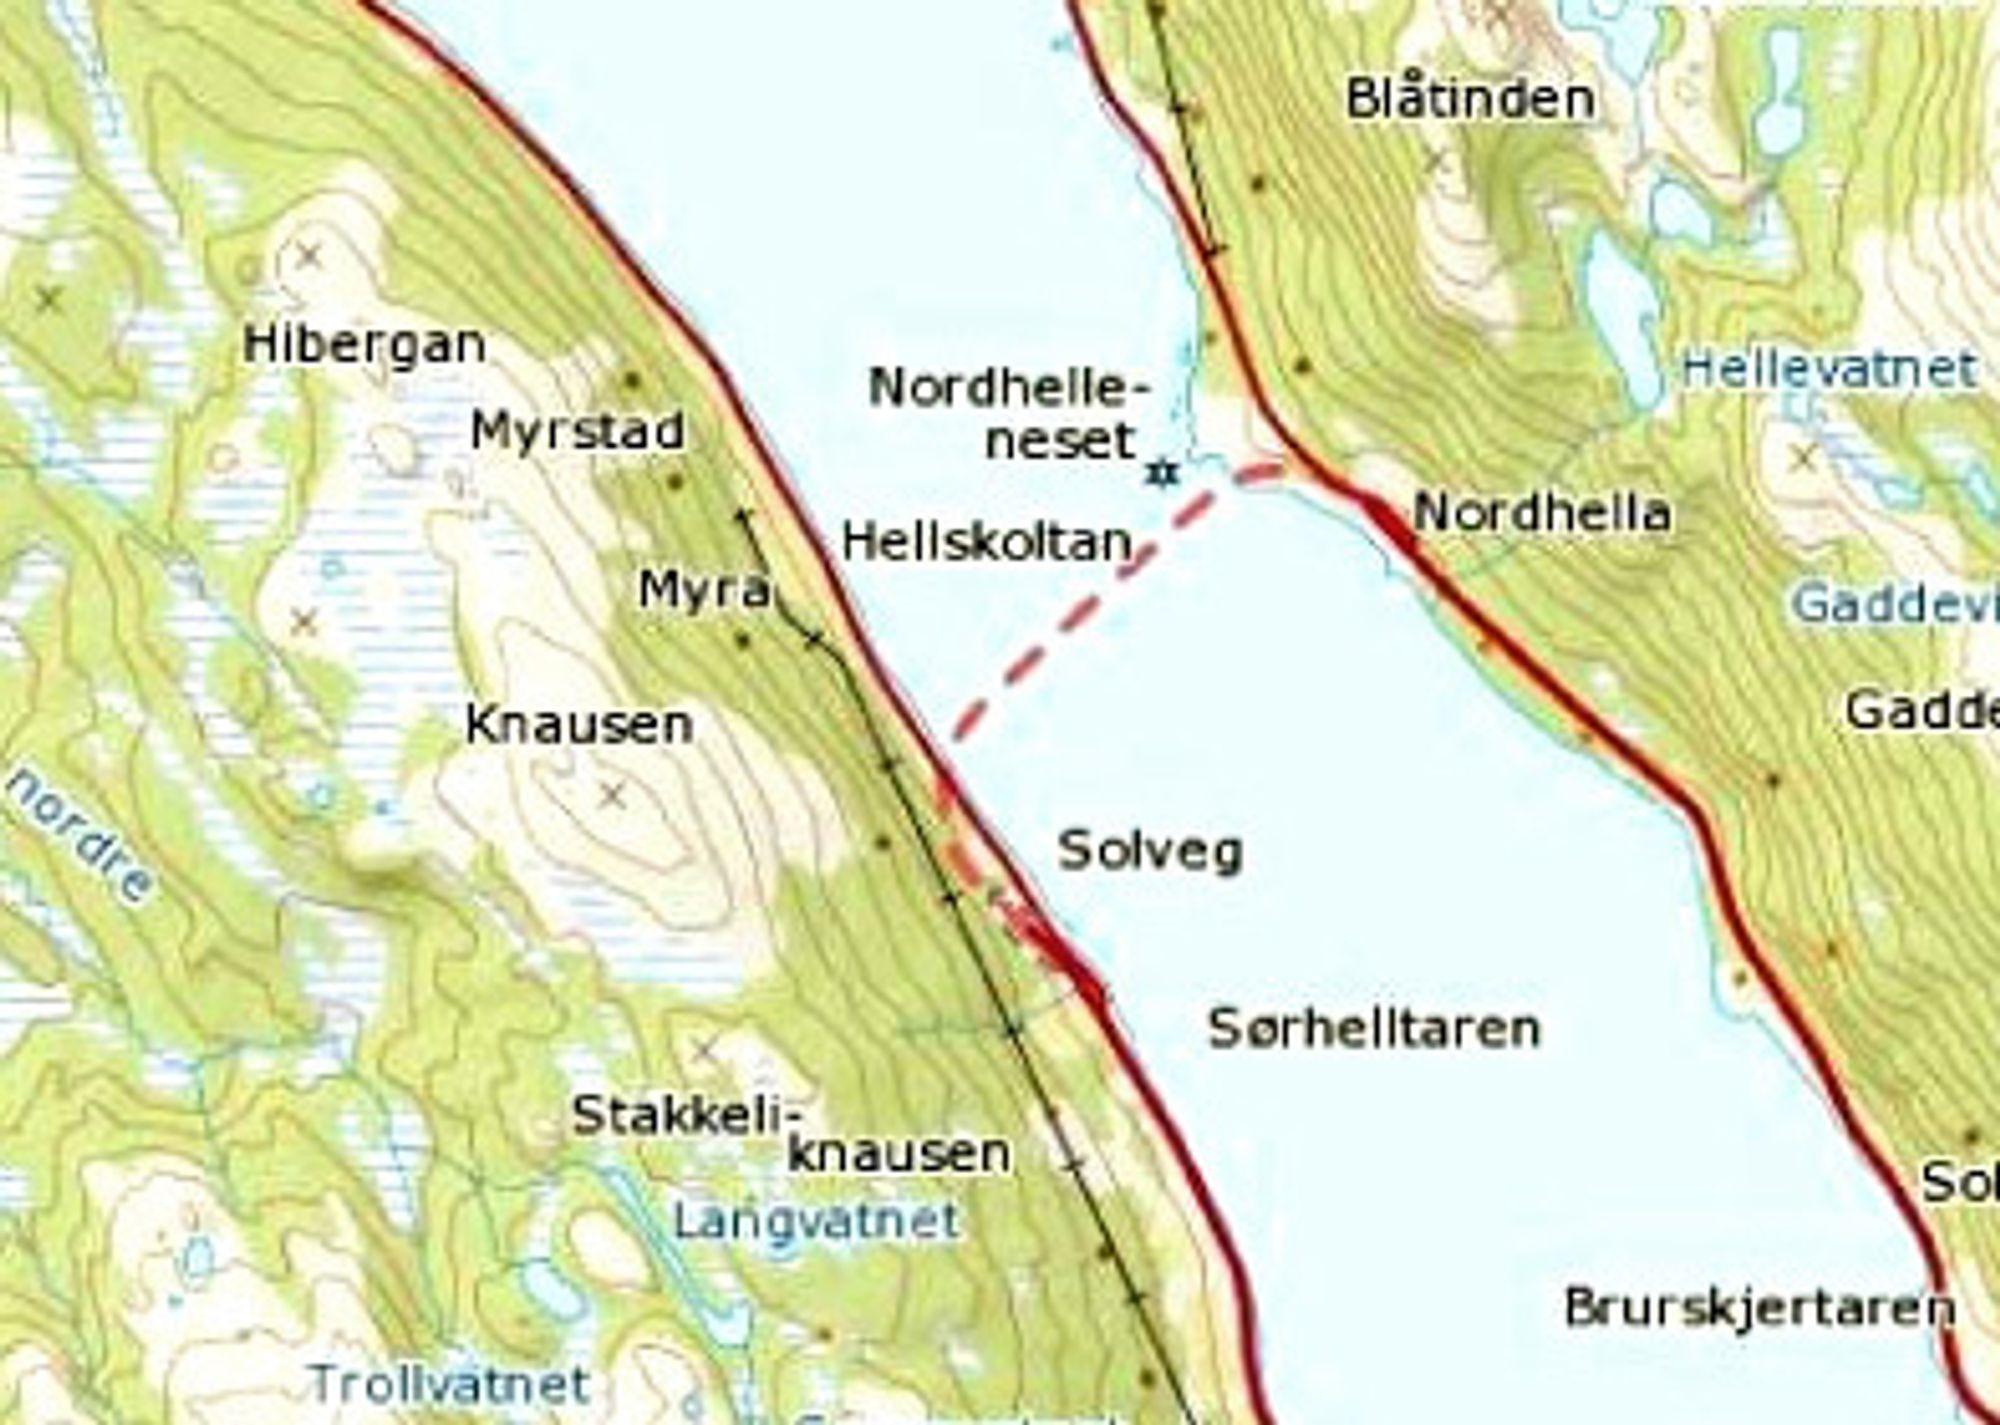 Folk på Ringvassøya (til høyre) har kunnet kjøre til Tromsø sentrum hele døgnet siden 1988. Nå blir det begrensninger på trafikken om natten i noen måneder mens Kvalsundtunnelen blir oppgradert.